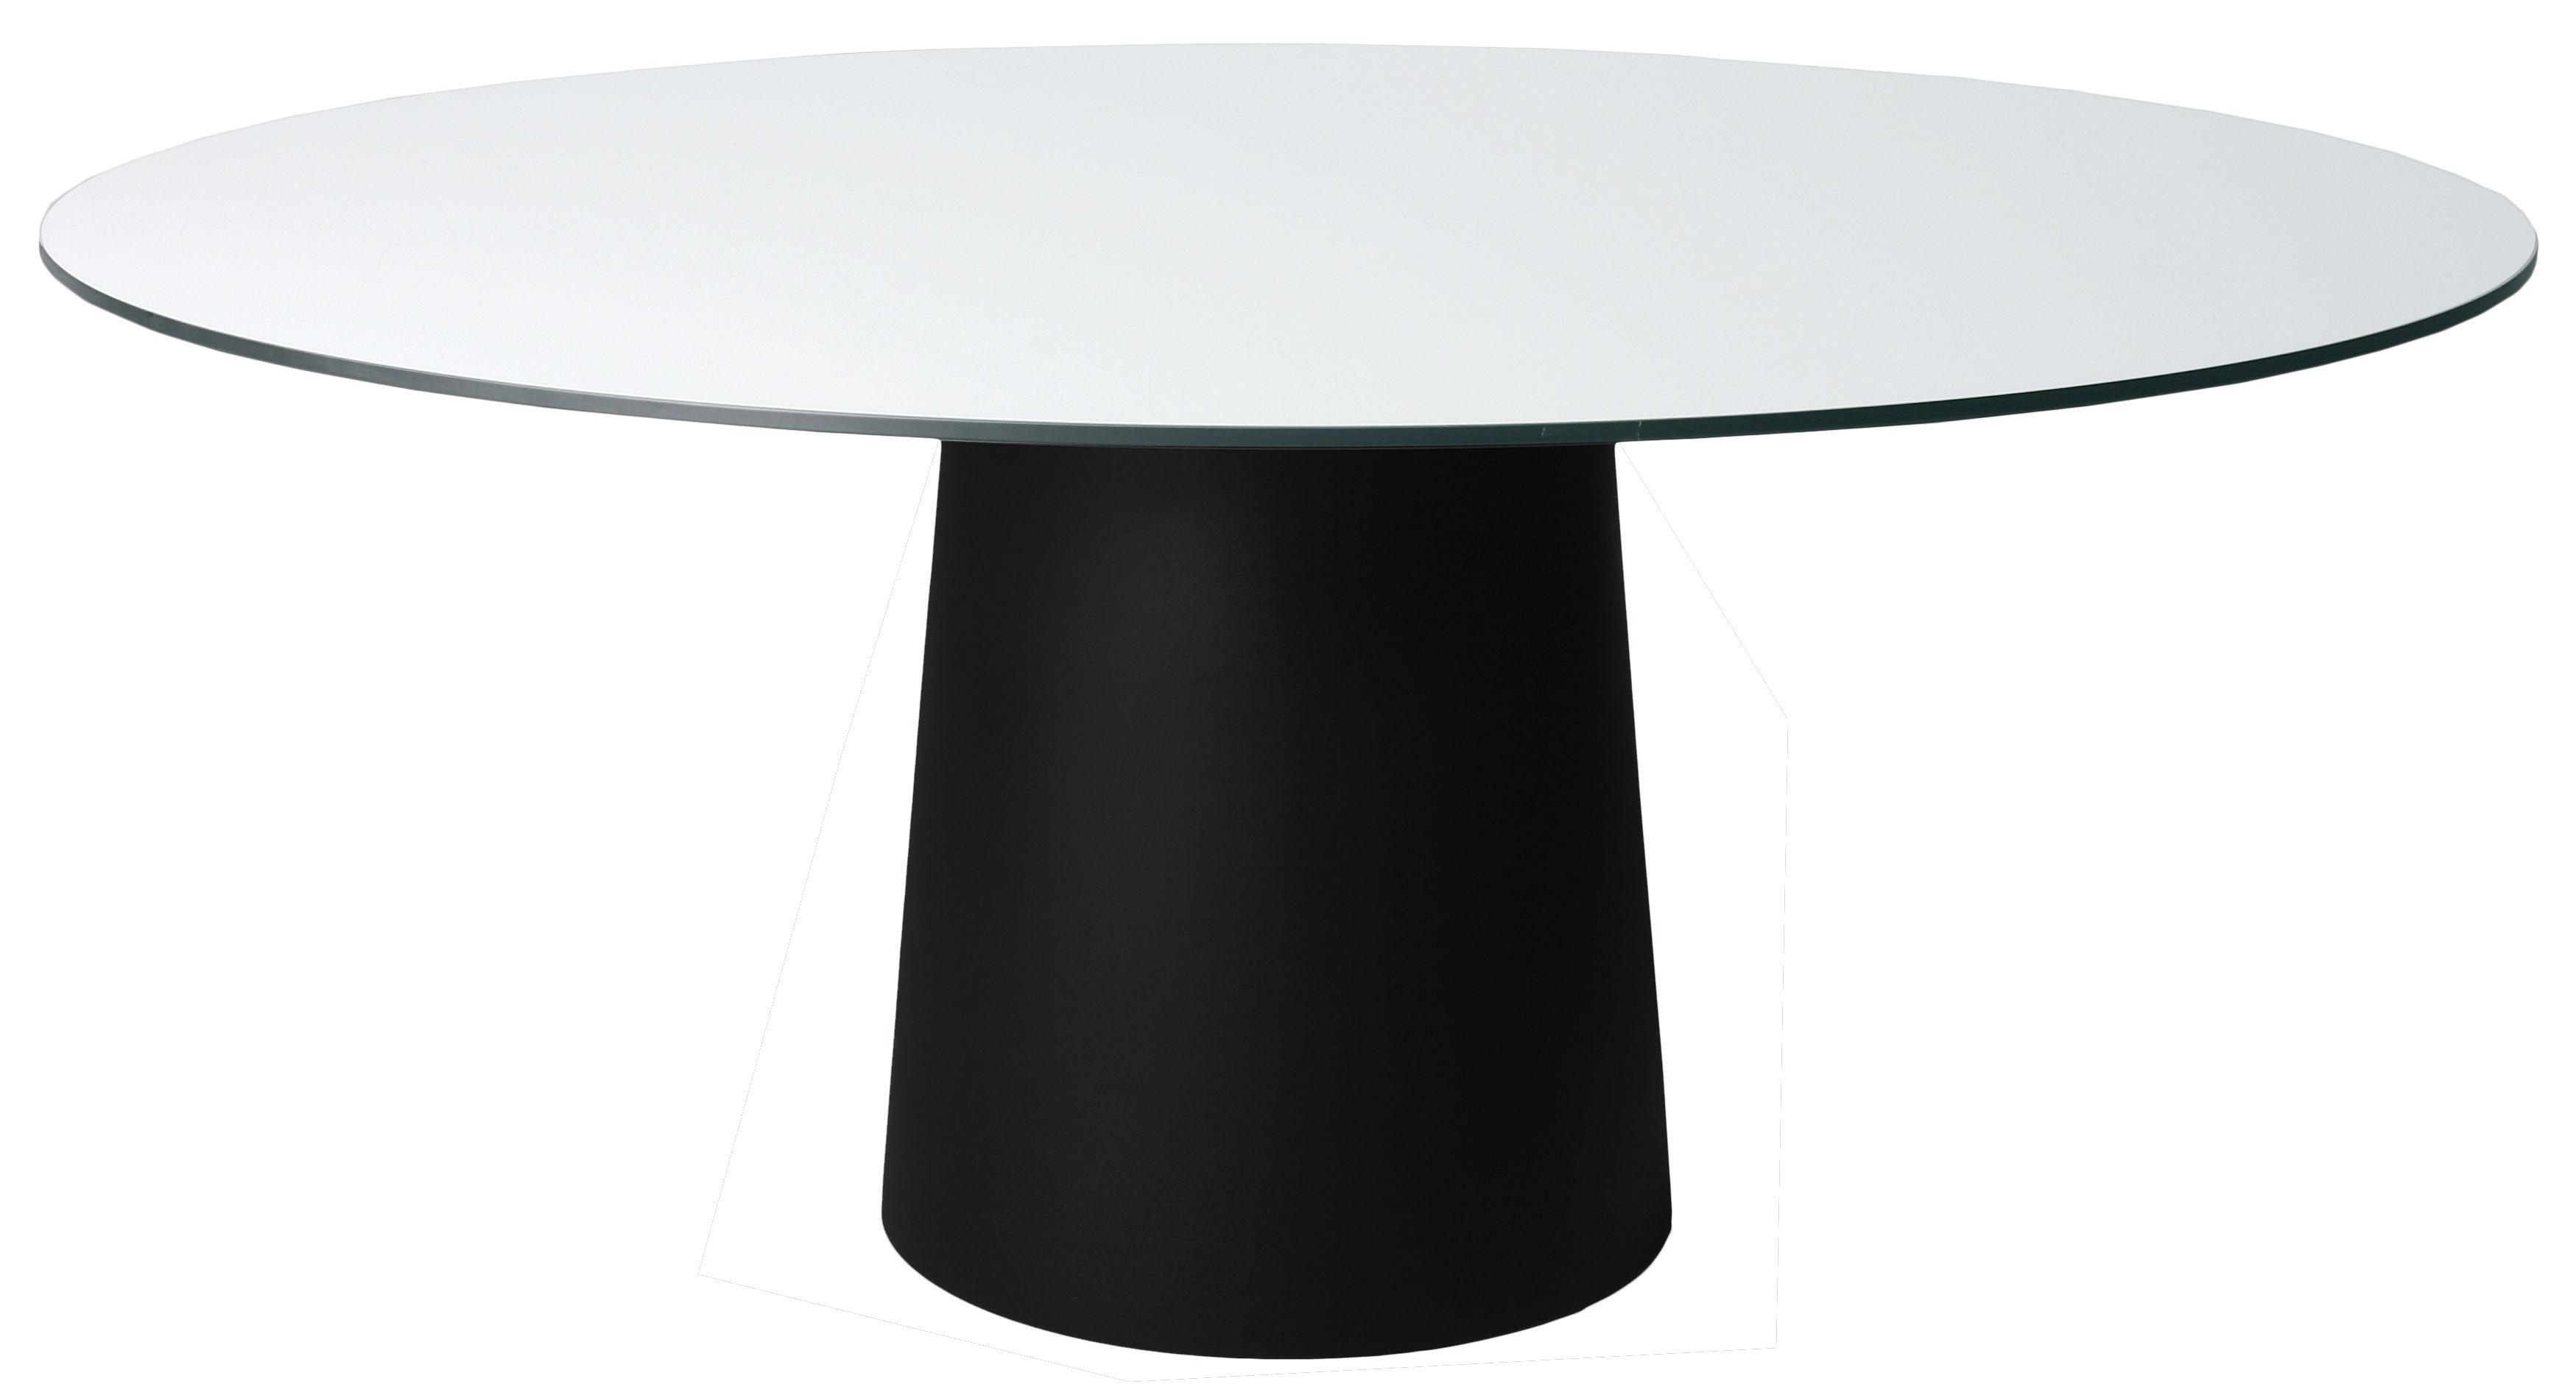 Outdoor - Tables de jardin - Accessoire table / Pied pour table Container / H 70 cm - Pour plateau Ø 160 cm - Moooi - Pied noir Ø 56 x H 70 cm - Polypropylène